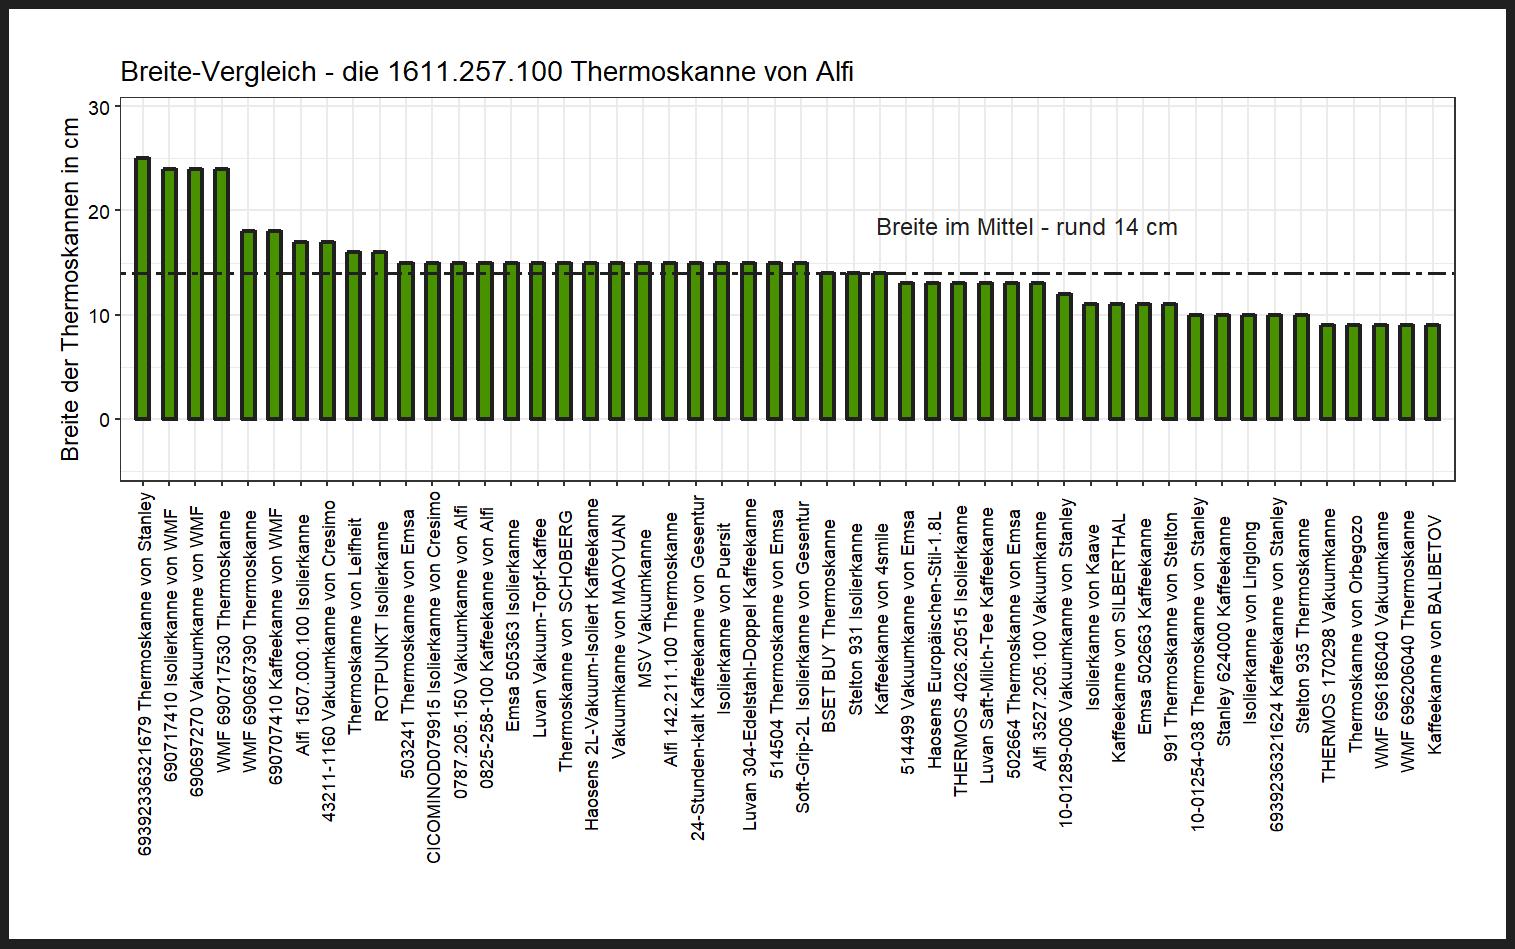 Breite-Vergleich von der Alfi Thermoskanne 1611.257.100